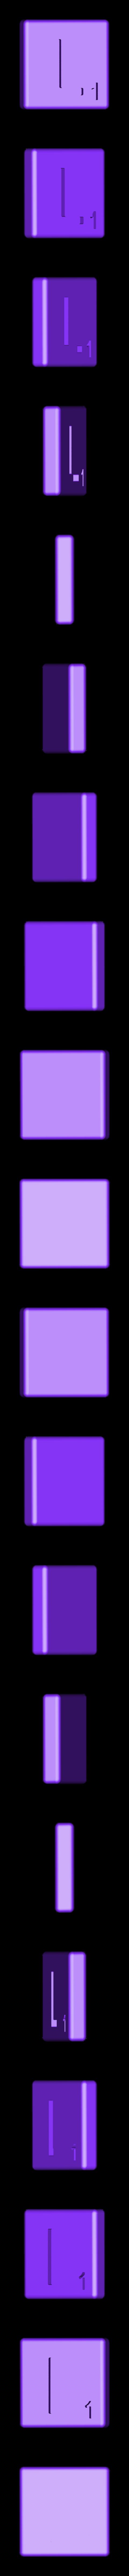 Dual_Shell_L.STL Télécharger fichier STL gratuit Pièces et support SCRABBBLE • Design pour imprimante 3D, Balkhagal4D